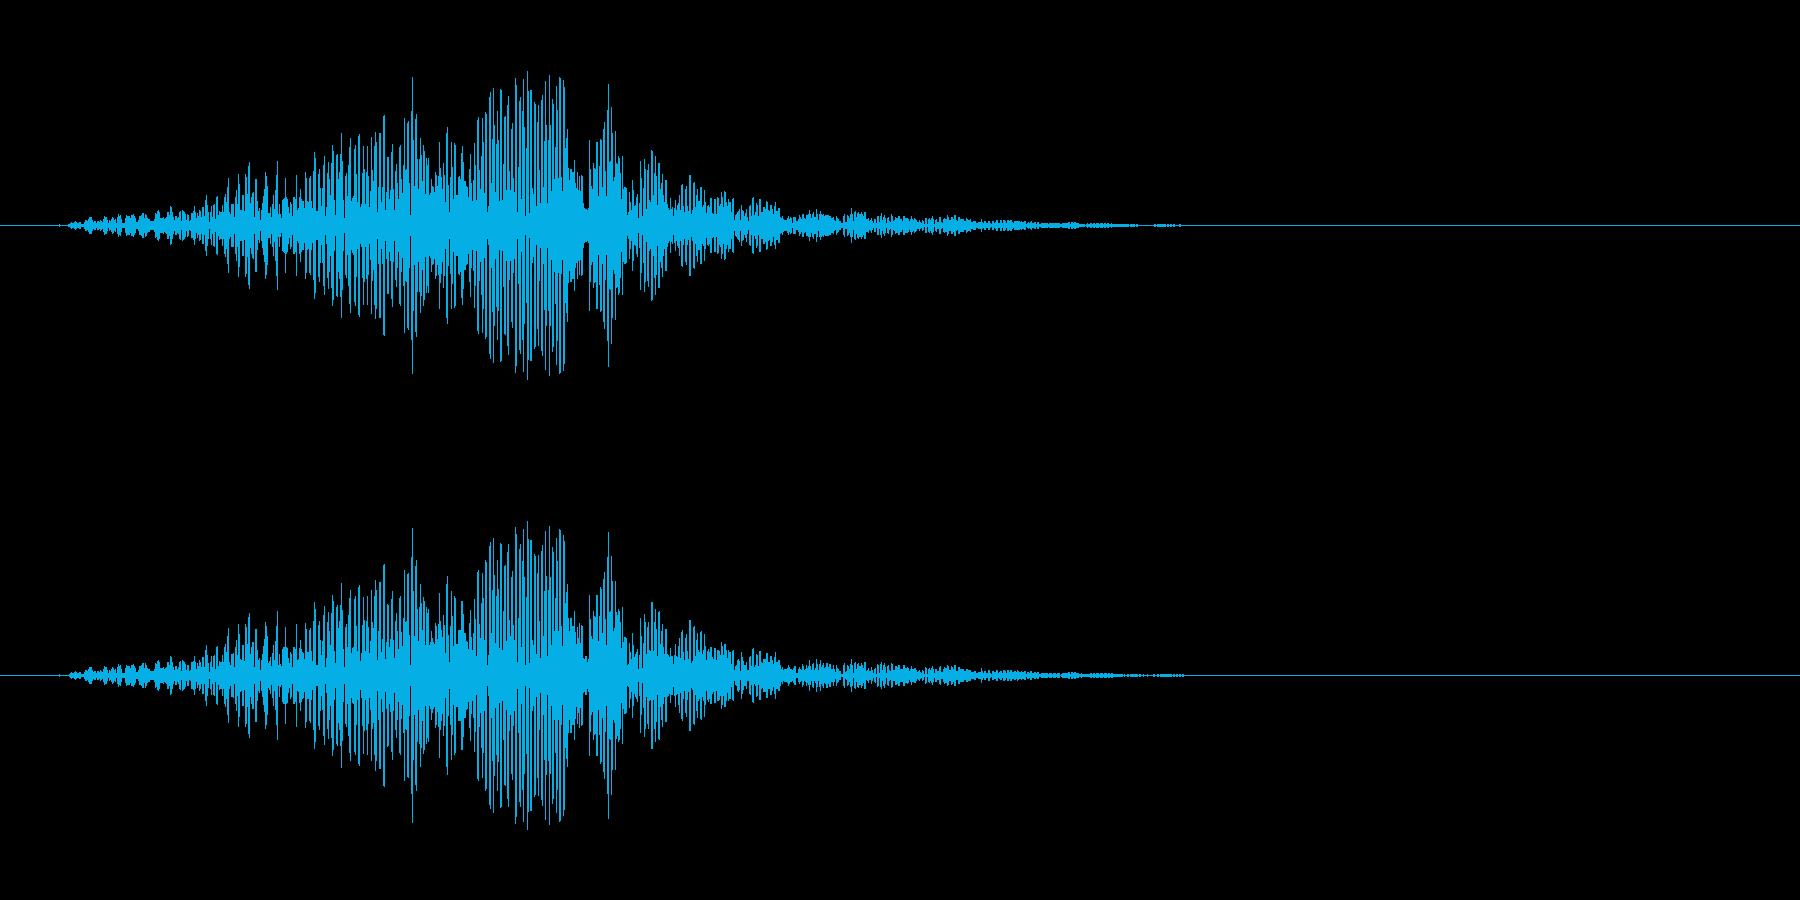 不気味に響く声らしき音…の再生済みの波形